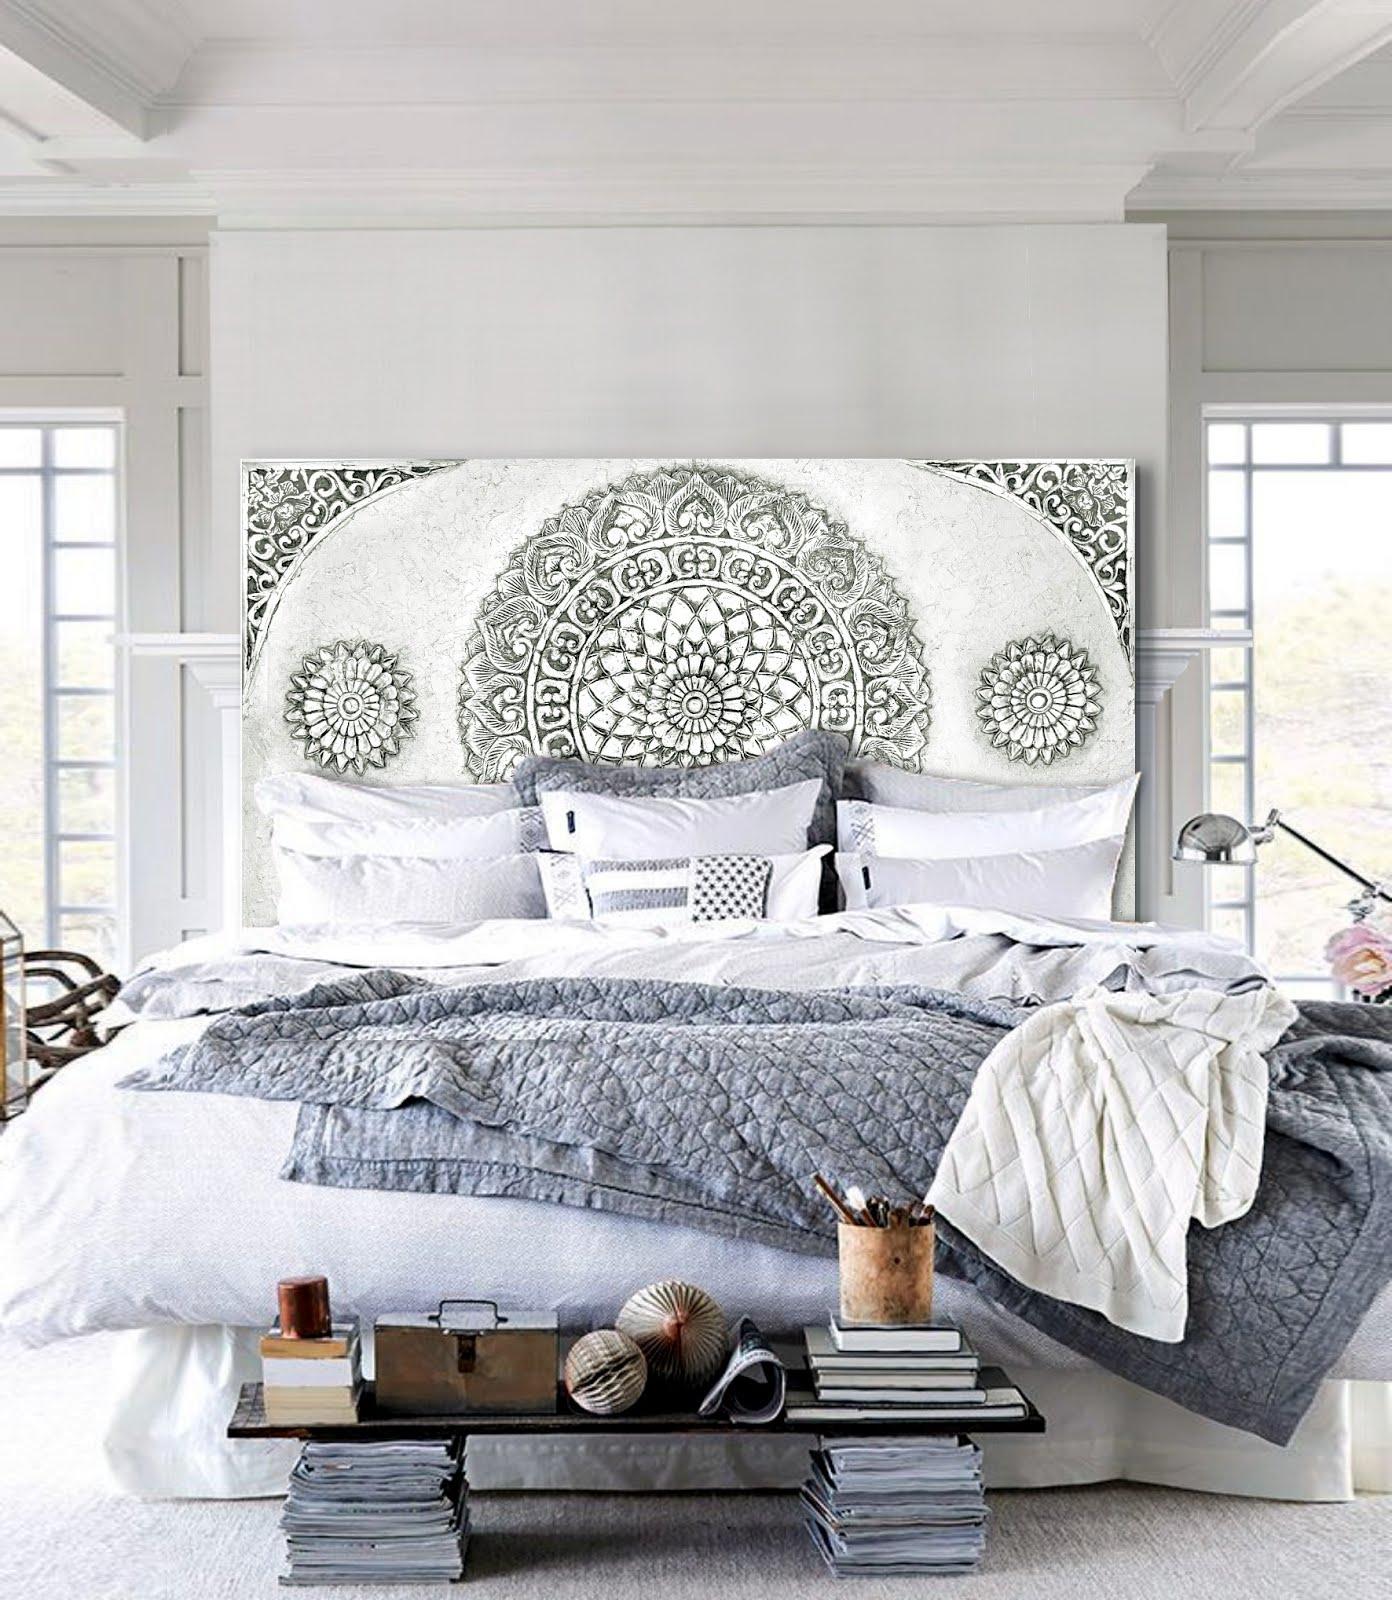 Cabeceros de camas modernos los cabeceros de cama super - Cabeceros modernos originales ...